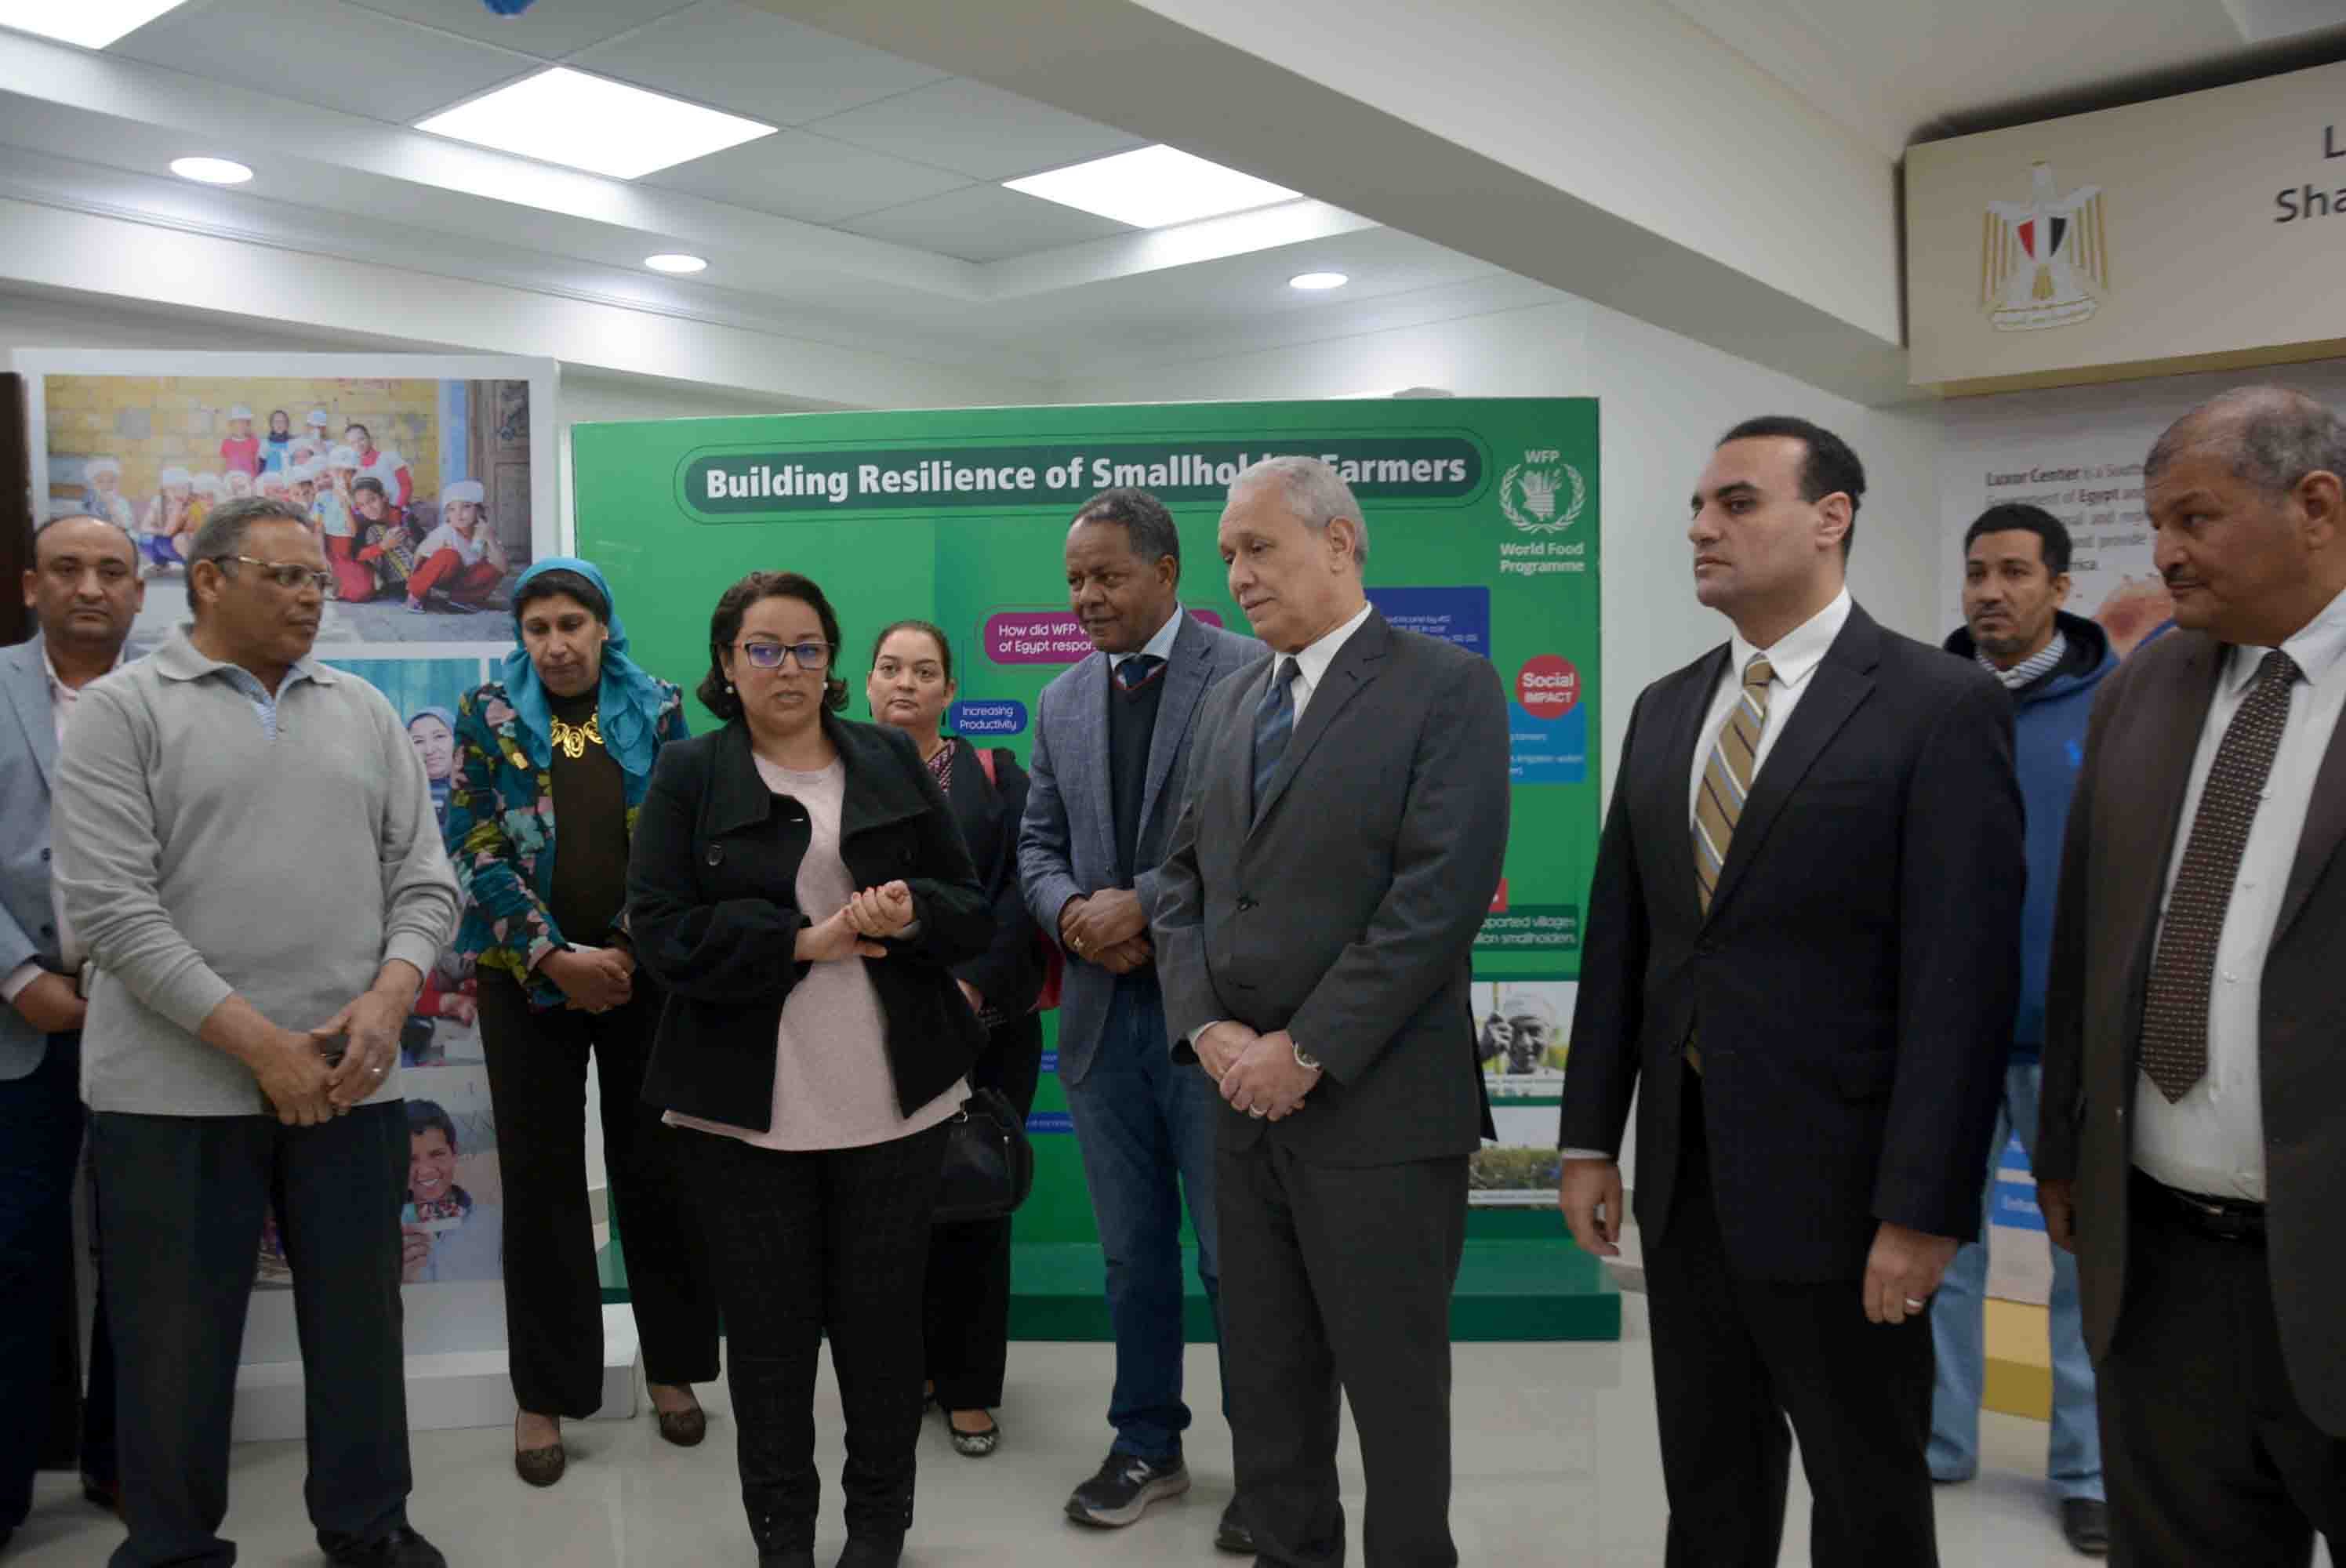 محافظ الأقصر ومدير برنامج الأغذية العالمي يتابعان مشروع التغيرات المناخية لدعم المزارعين (2)